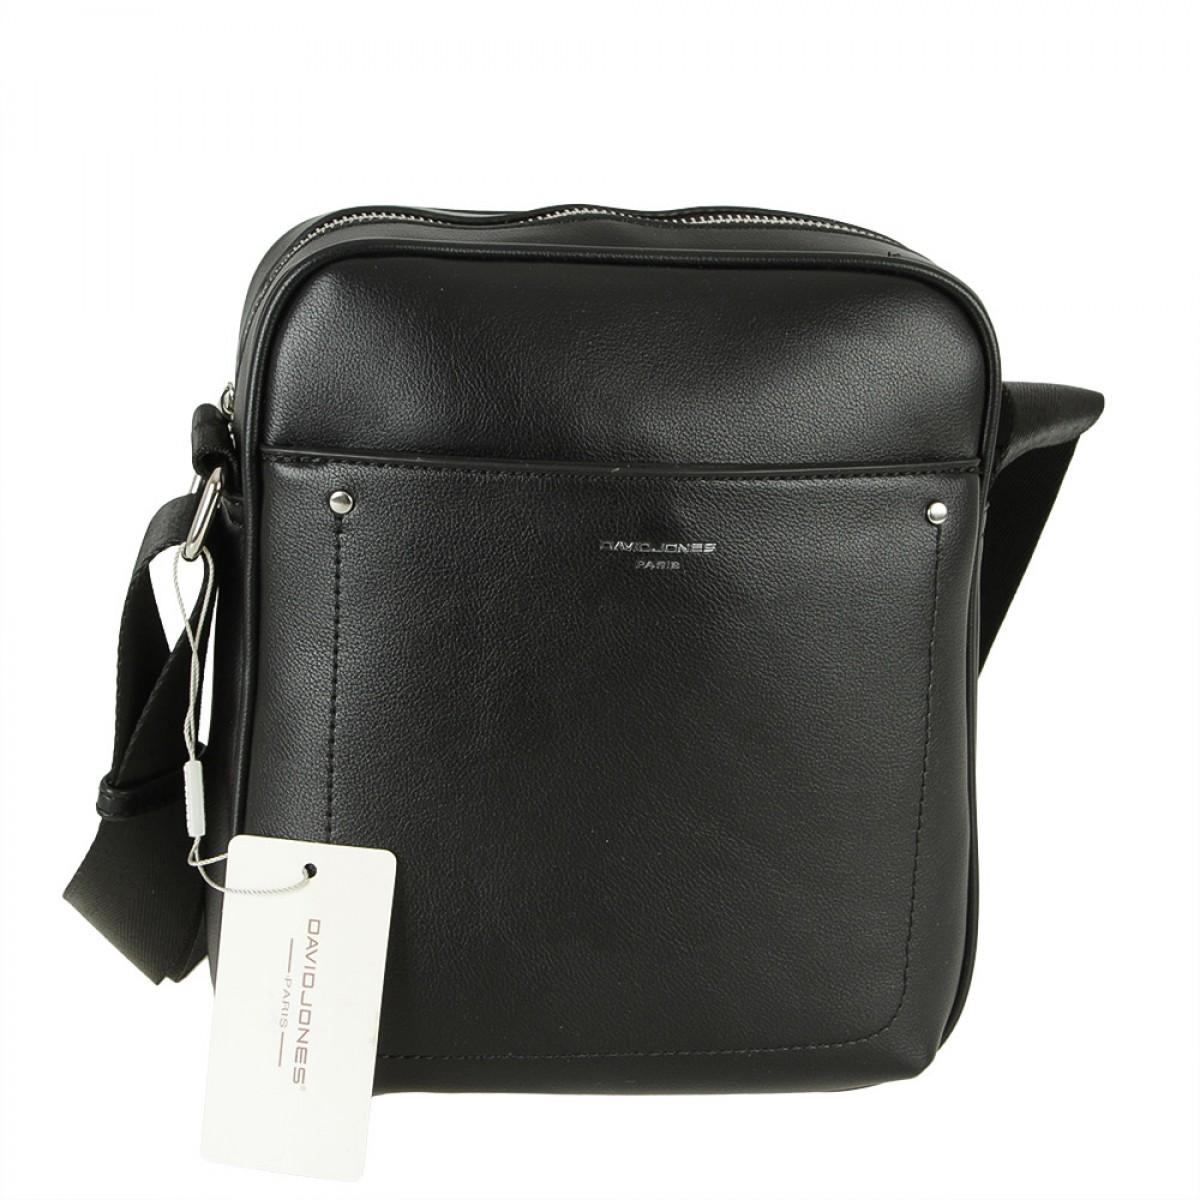 Жіноча сумка David Jones 797704 BLACK